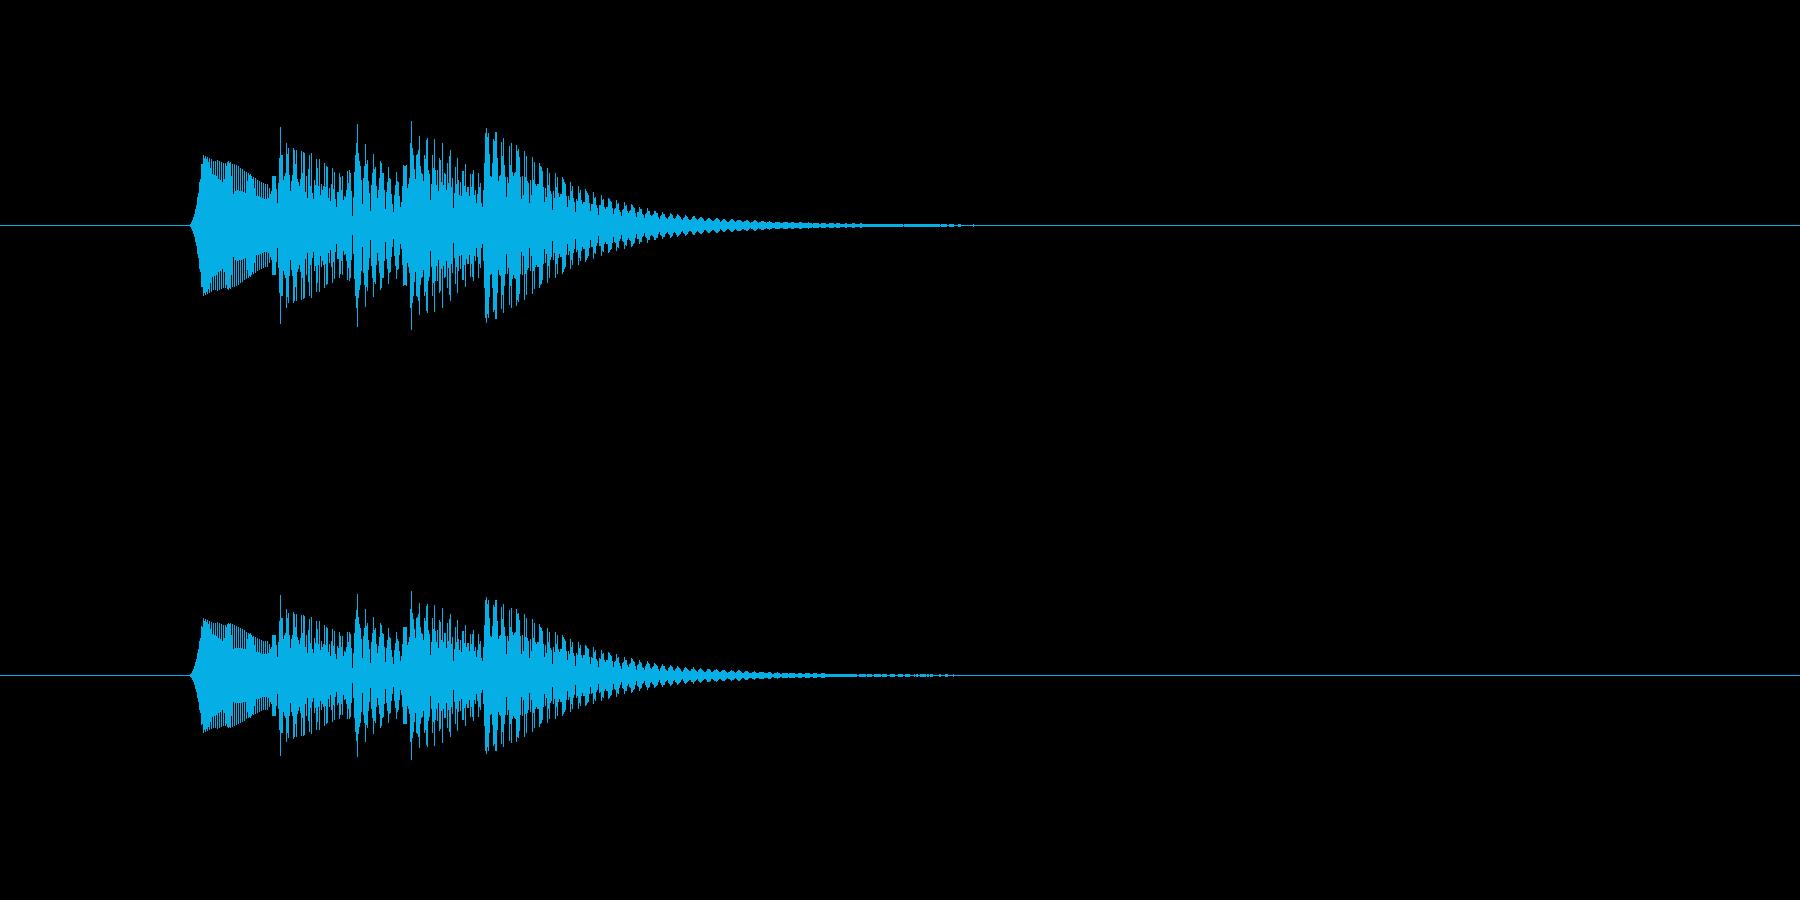 フォンファンフォン(シンプル、短い)の再生済みの波形